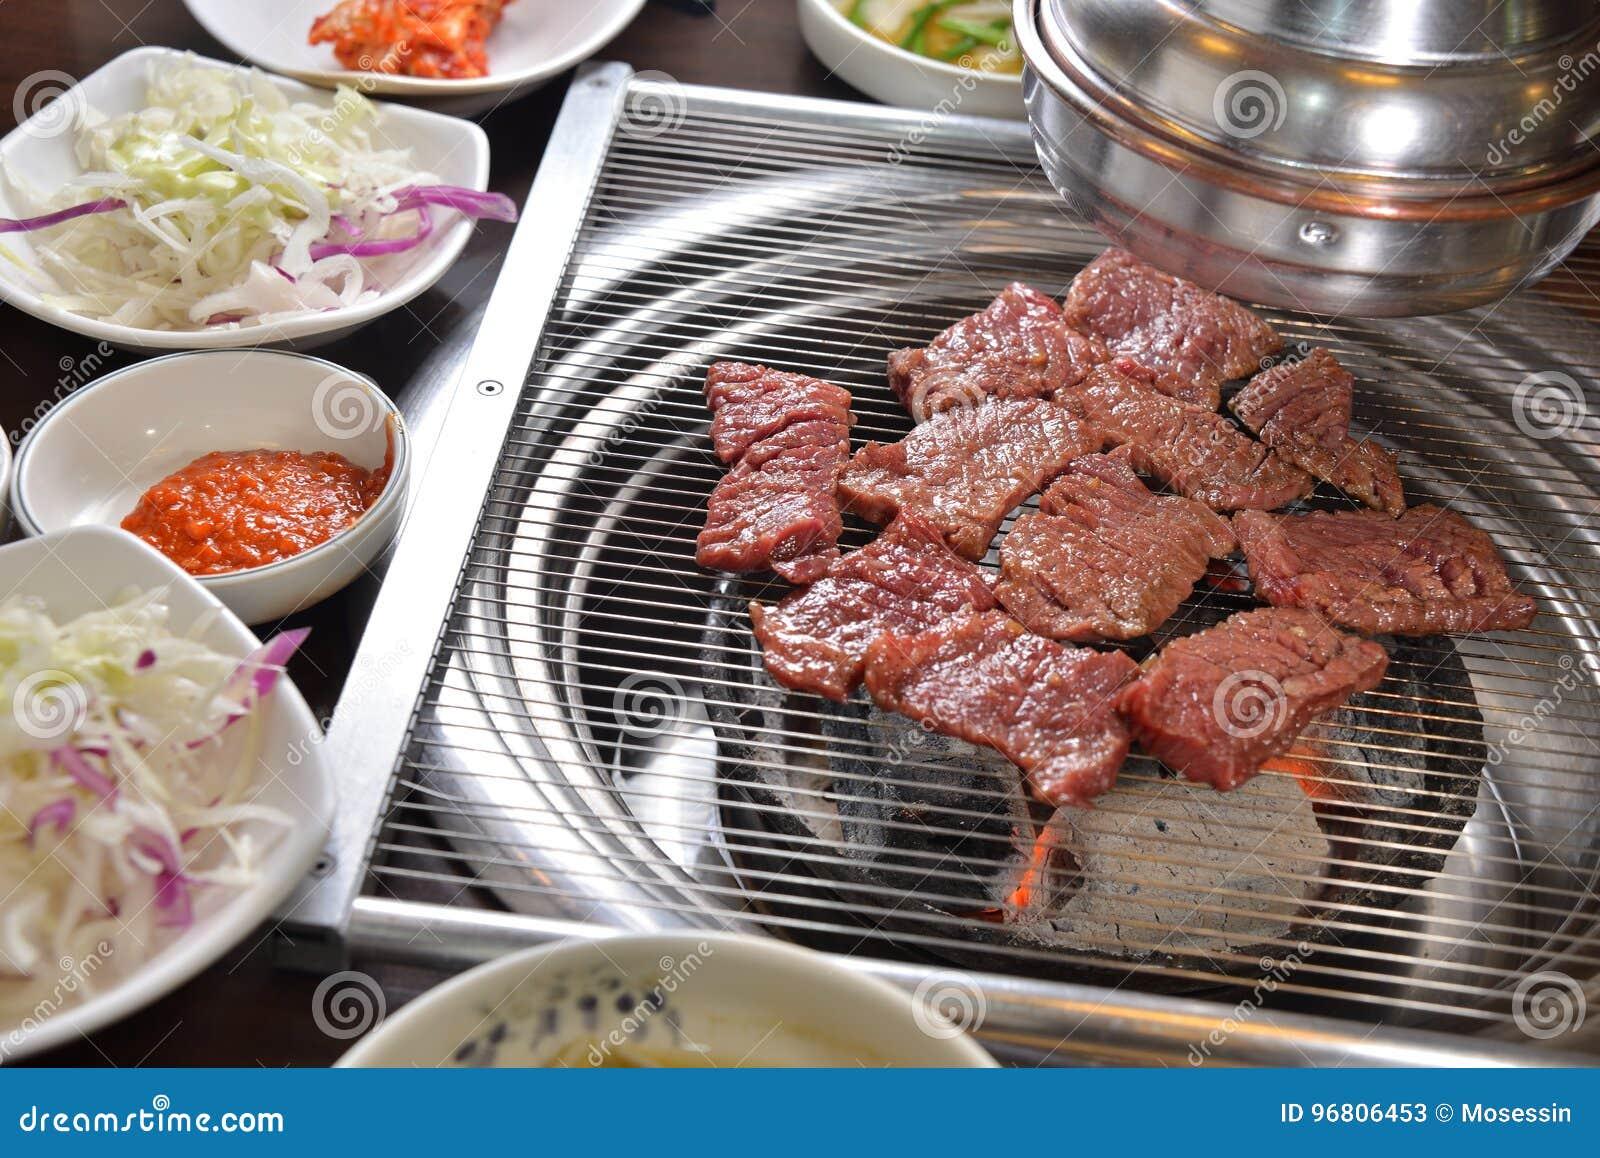 Koreaanse BBQ assorteert vlees